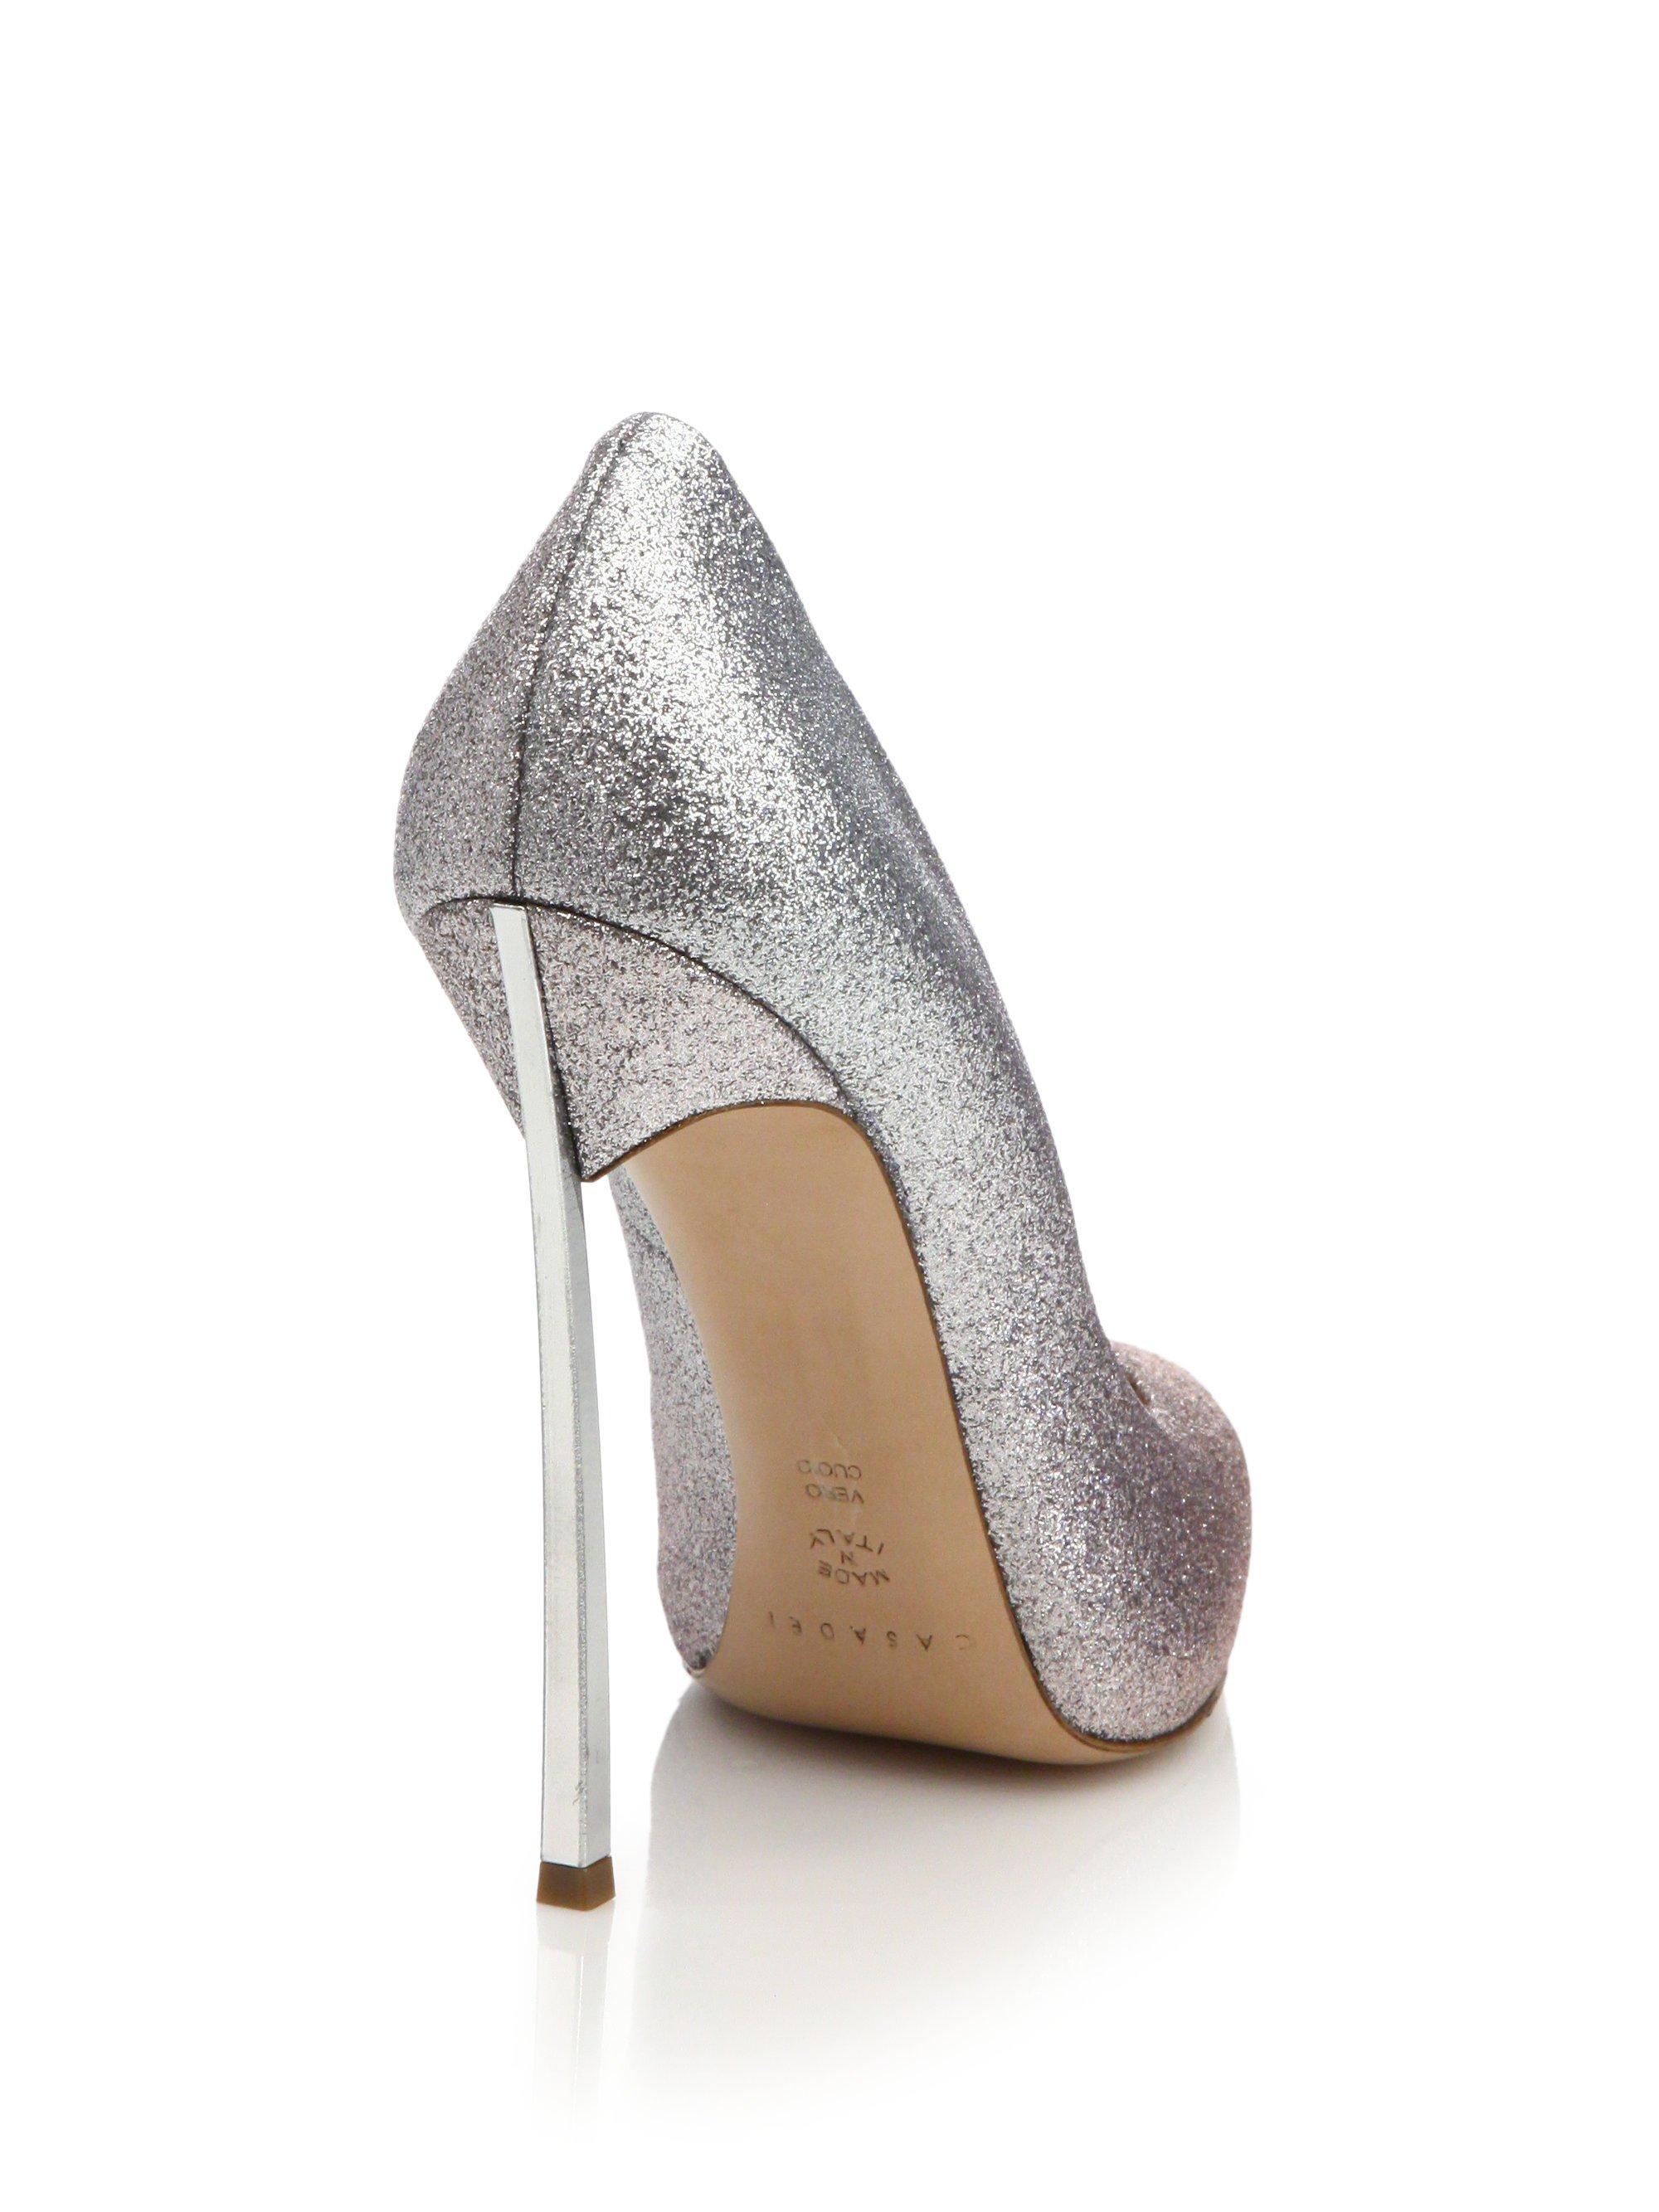 Cheap Gold High Heels For Women | Is Heel - Part 246